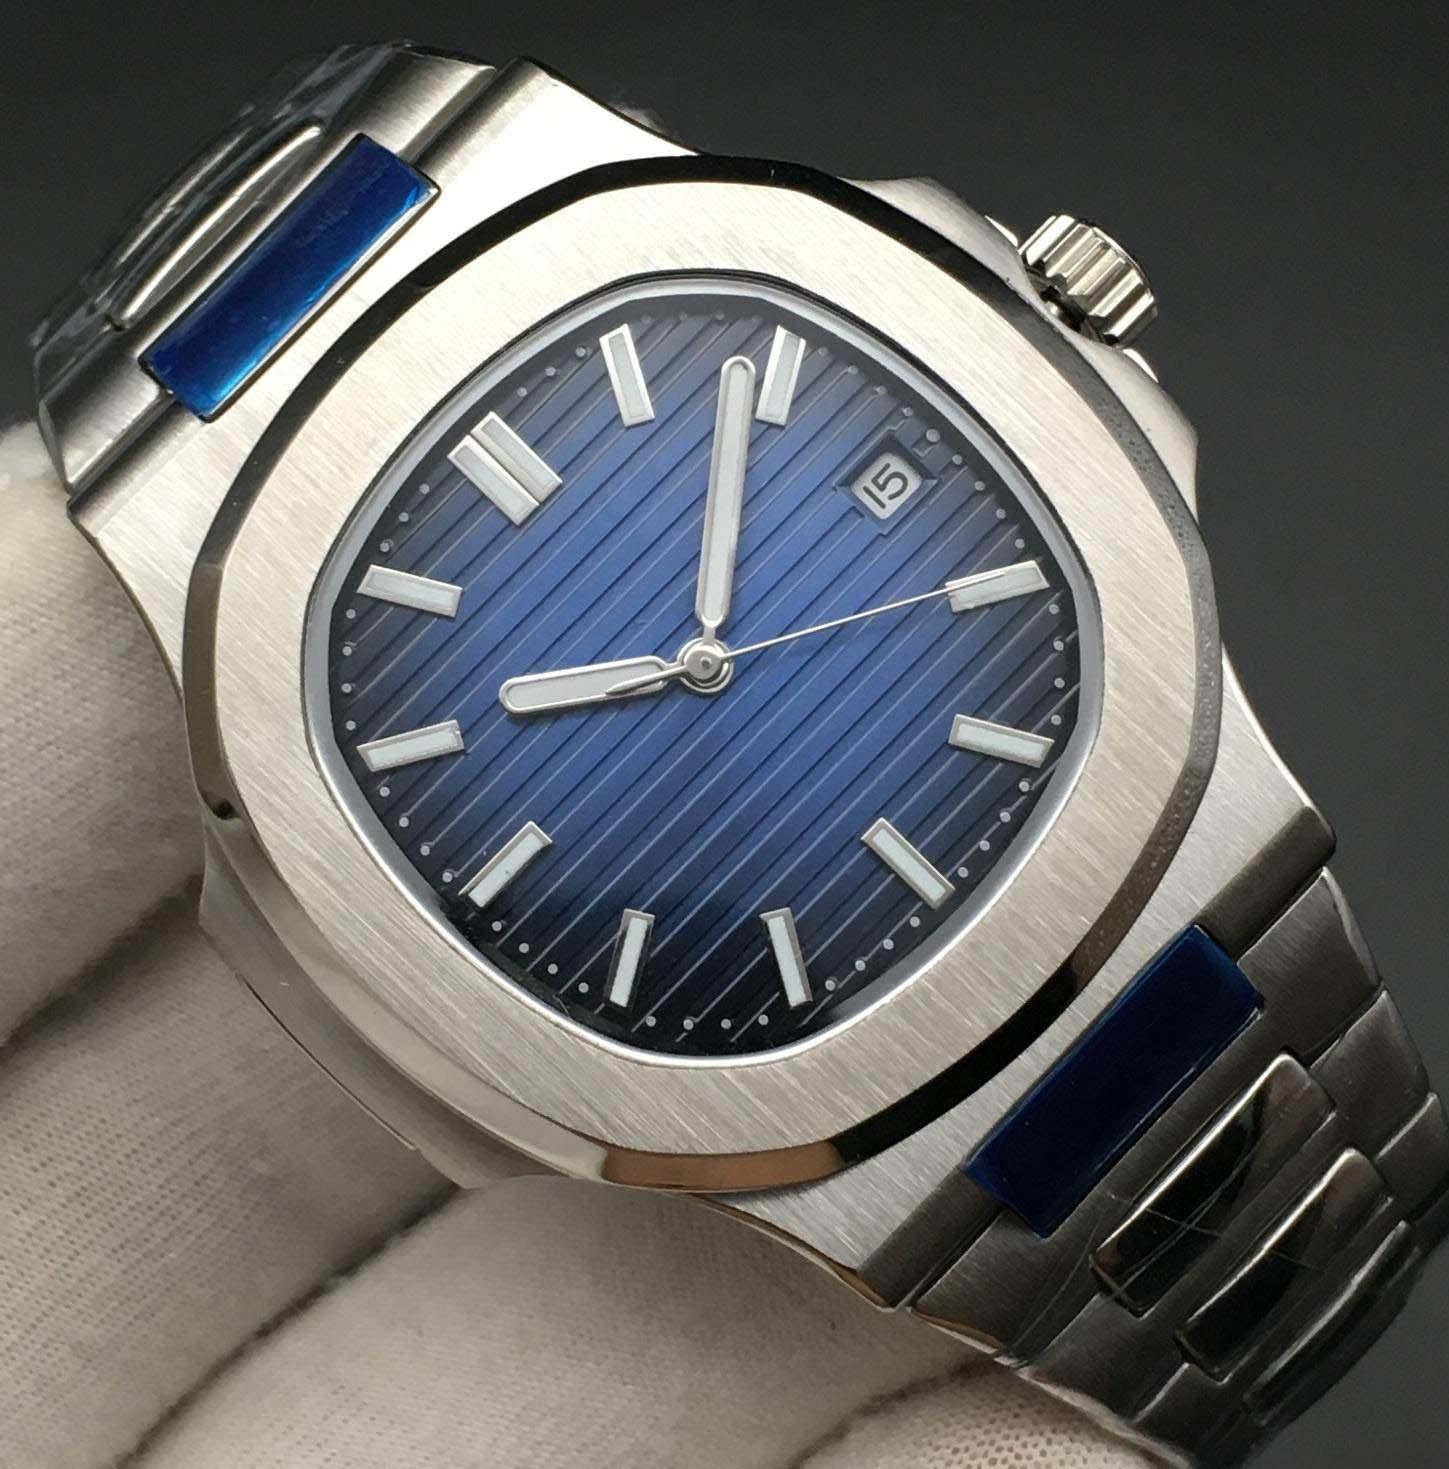 mens relojes deportivos a prueba de agua reloj de lujo mecánico de los relojes mecánicos automáticos banda de plata super brillante de los hombres de acero inoxidable